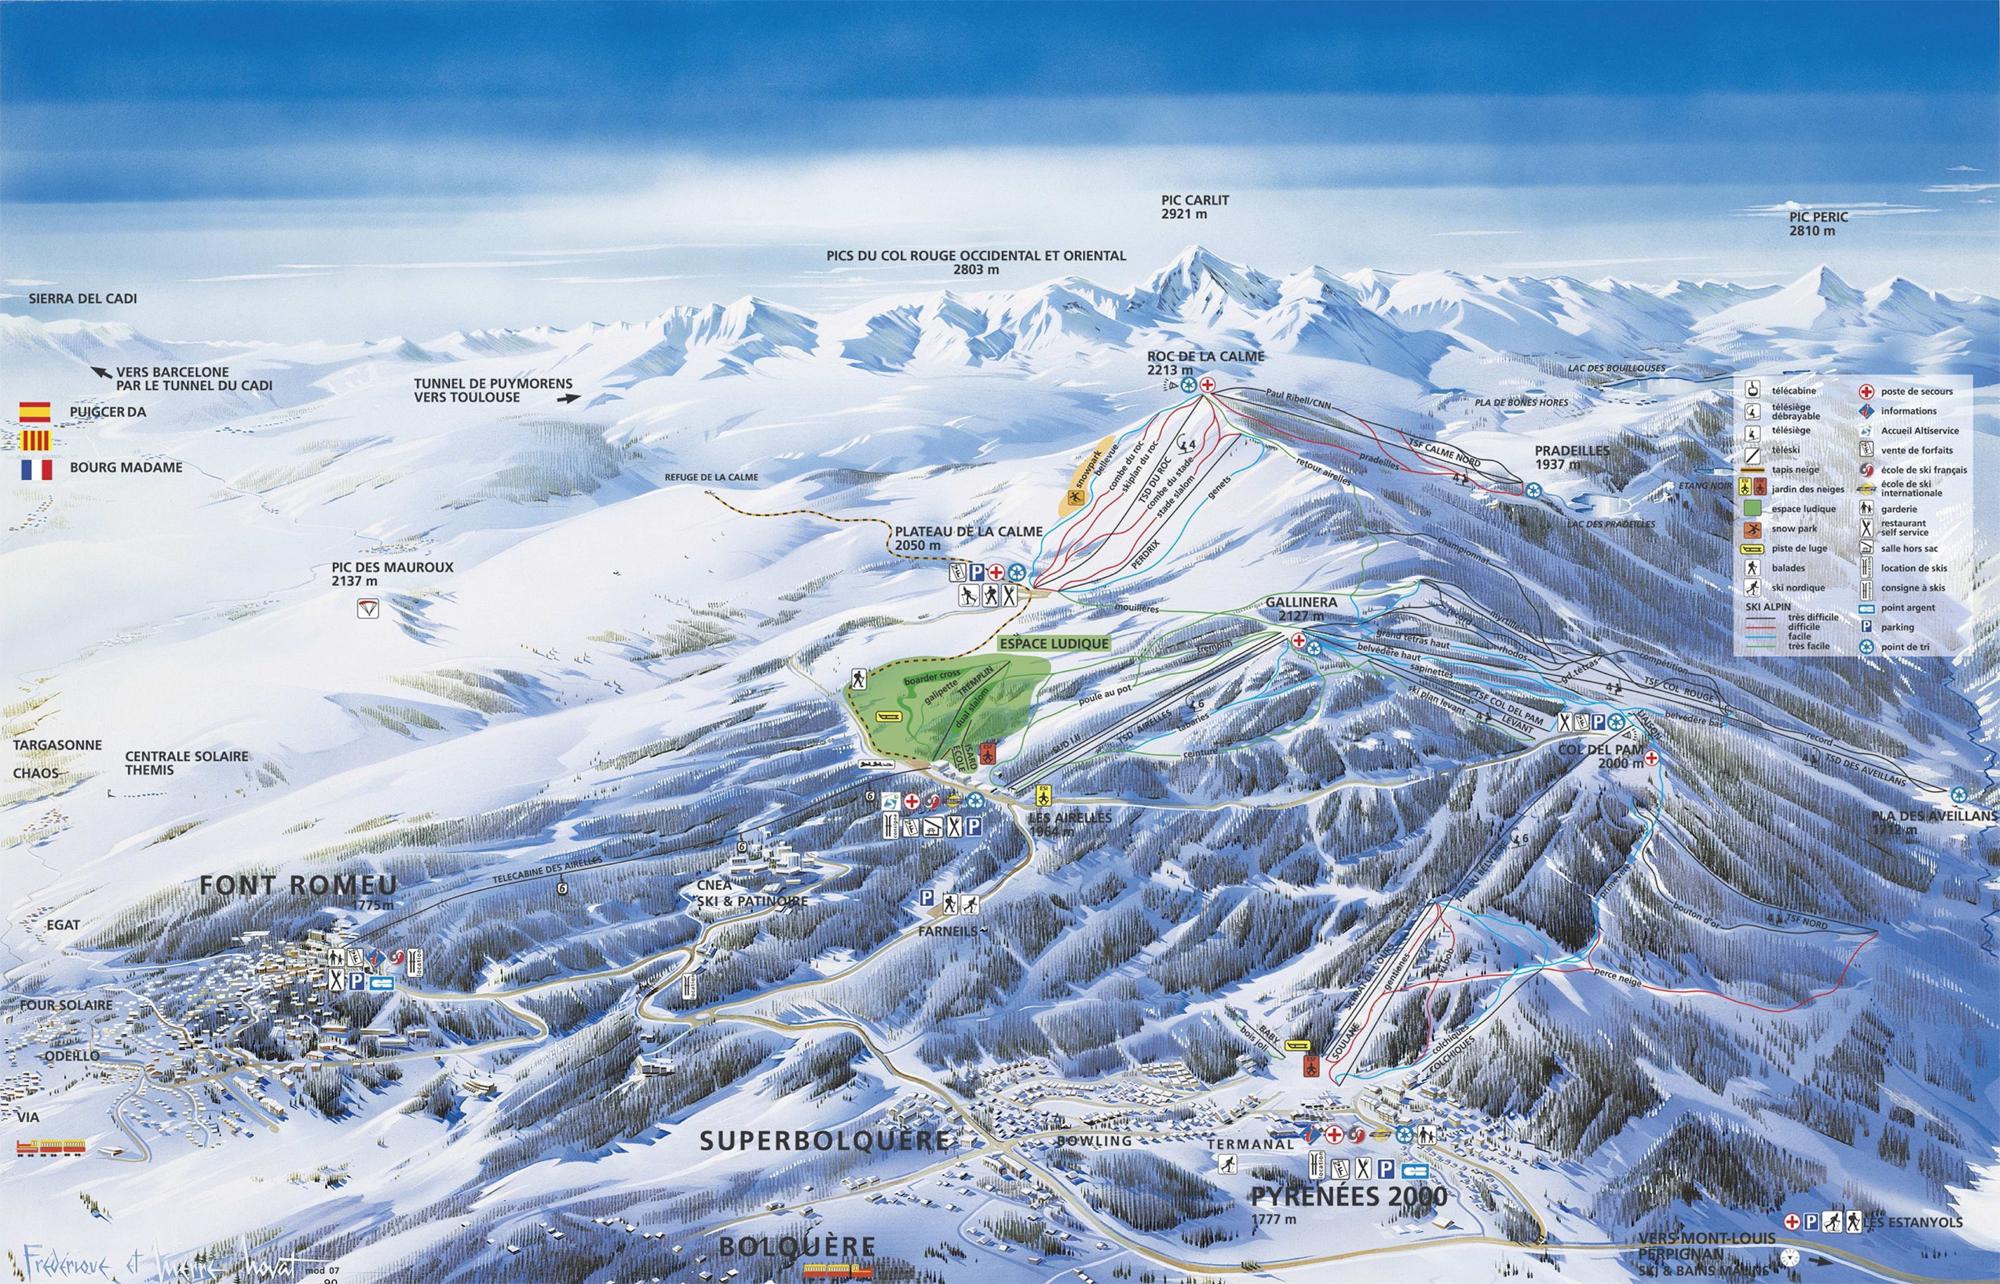 Vivre des moments forts dans le domaine skiable pyrénéesTélécopie pleine page